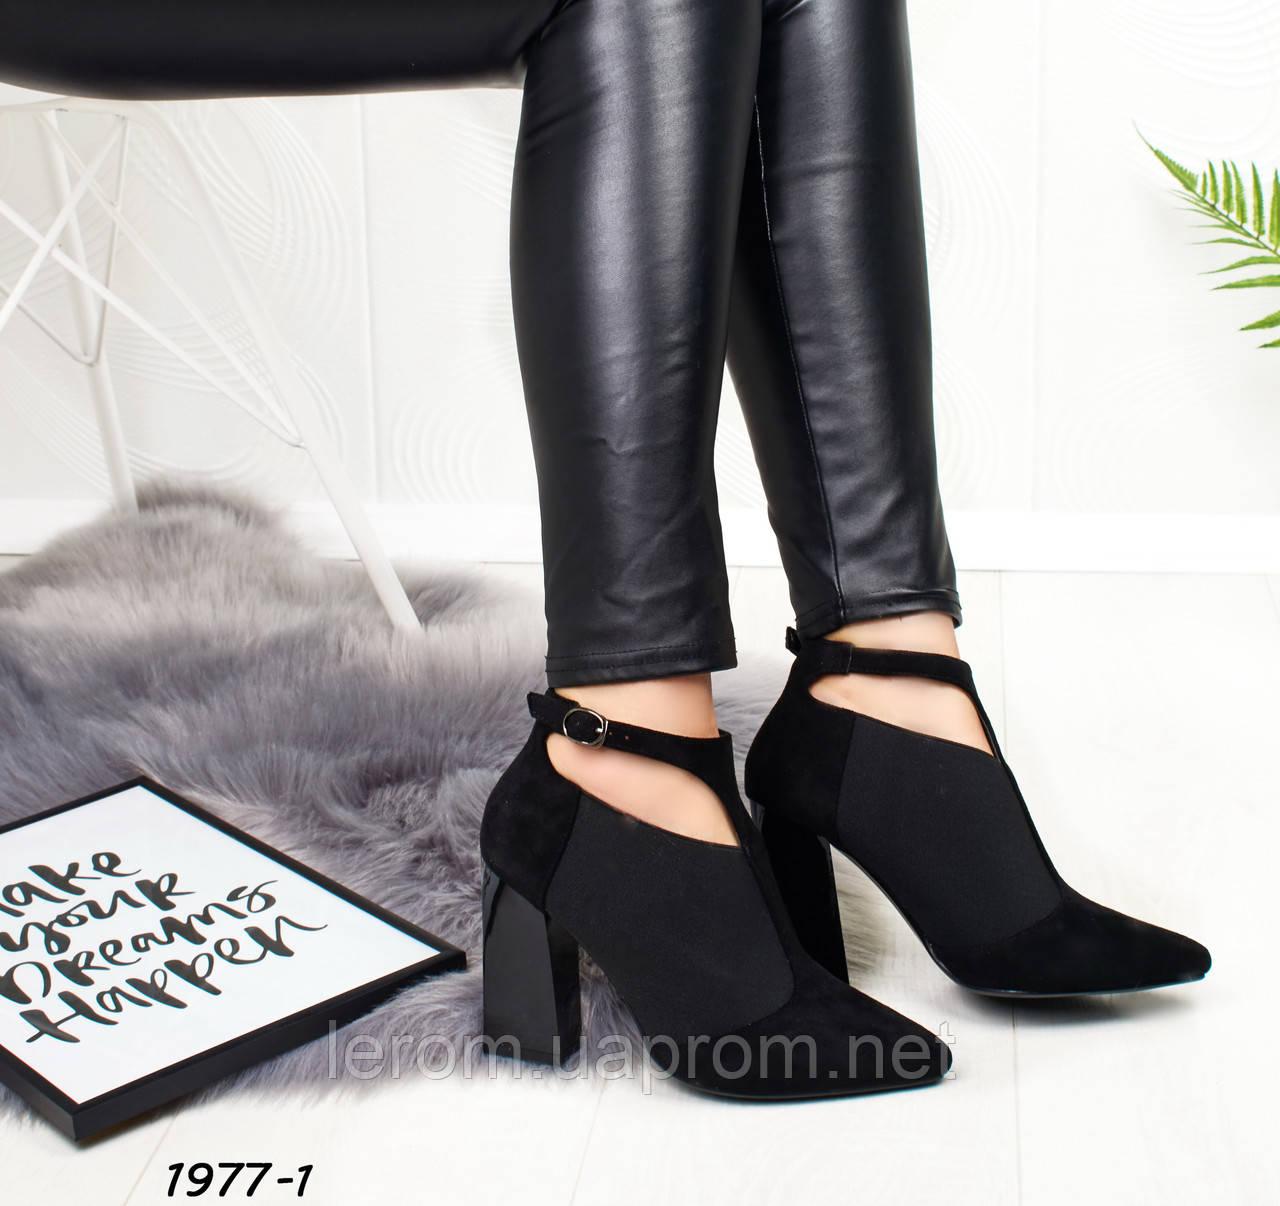 eea1b1050525 Купить Красивые и стильные туфли эко замша черные в Харькове от компании